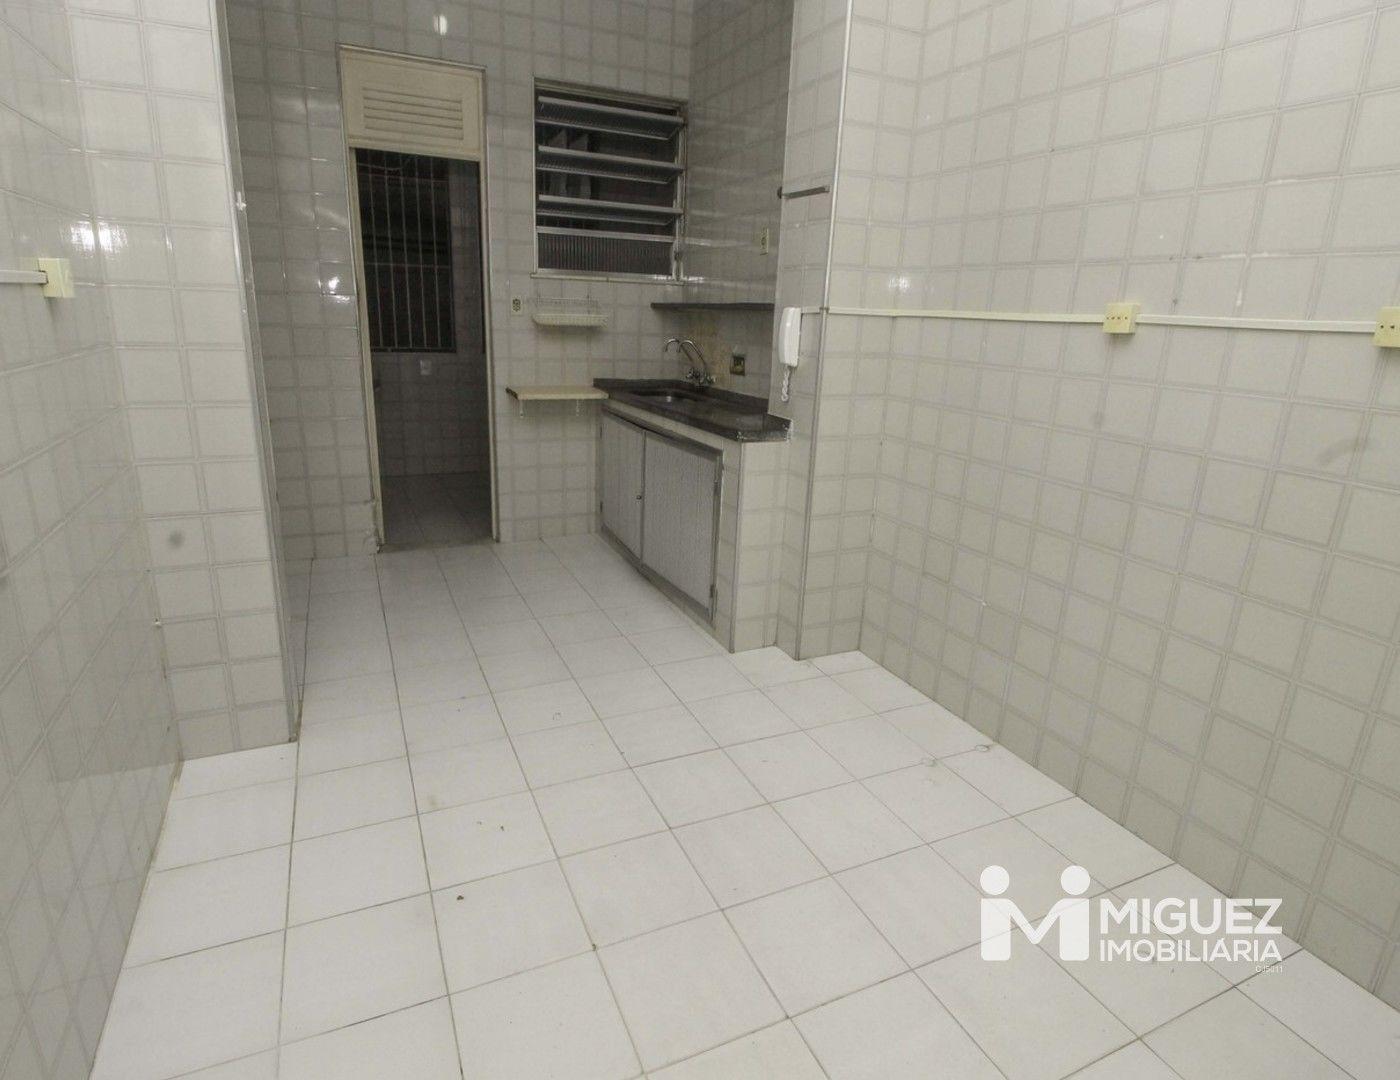 Apartamento, venda, Rua Aguiar - Tijuca , Rio de janeiro